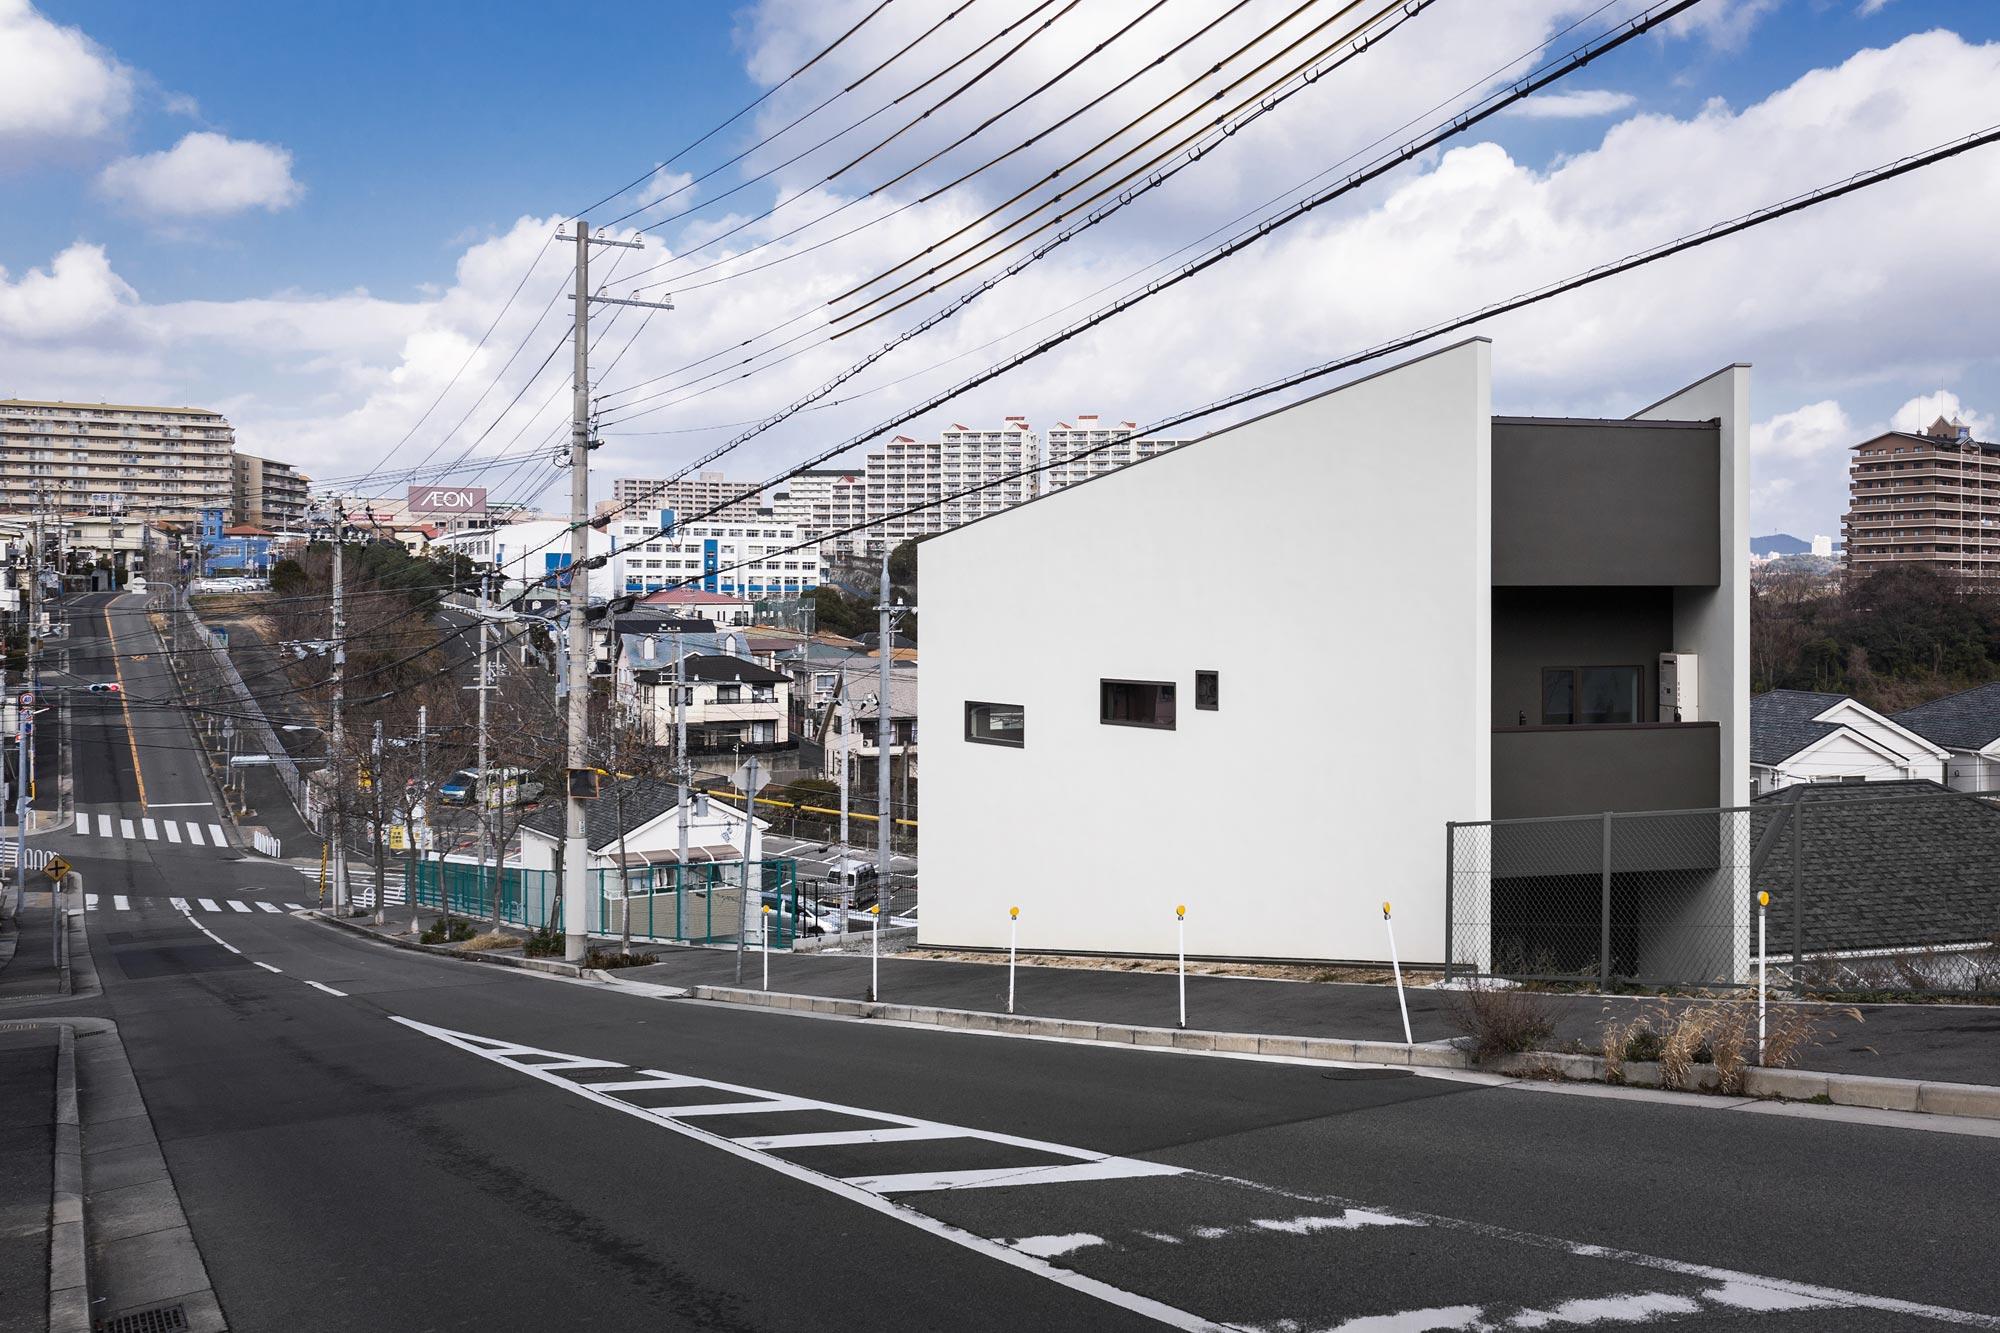 南西より: 高低差が激しい環境です。壁面や開口部は、道路側からの視線をコントロールするデザイン